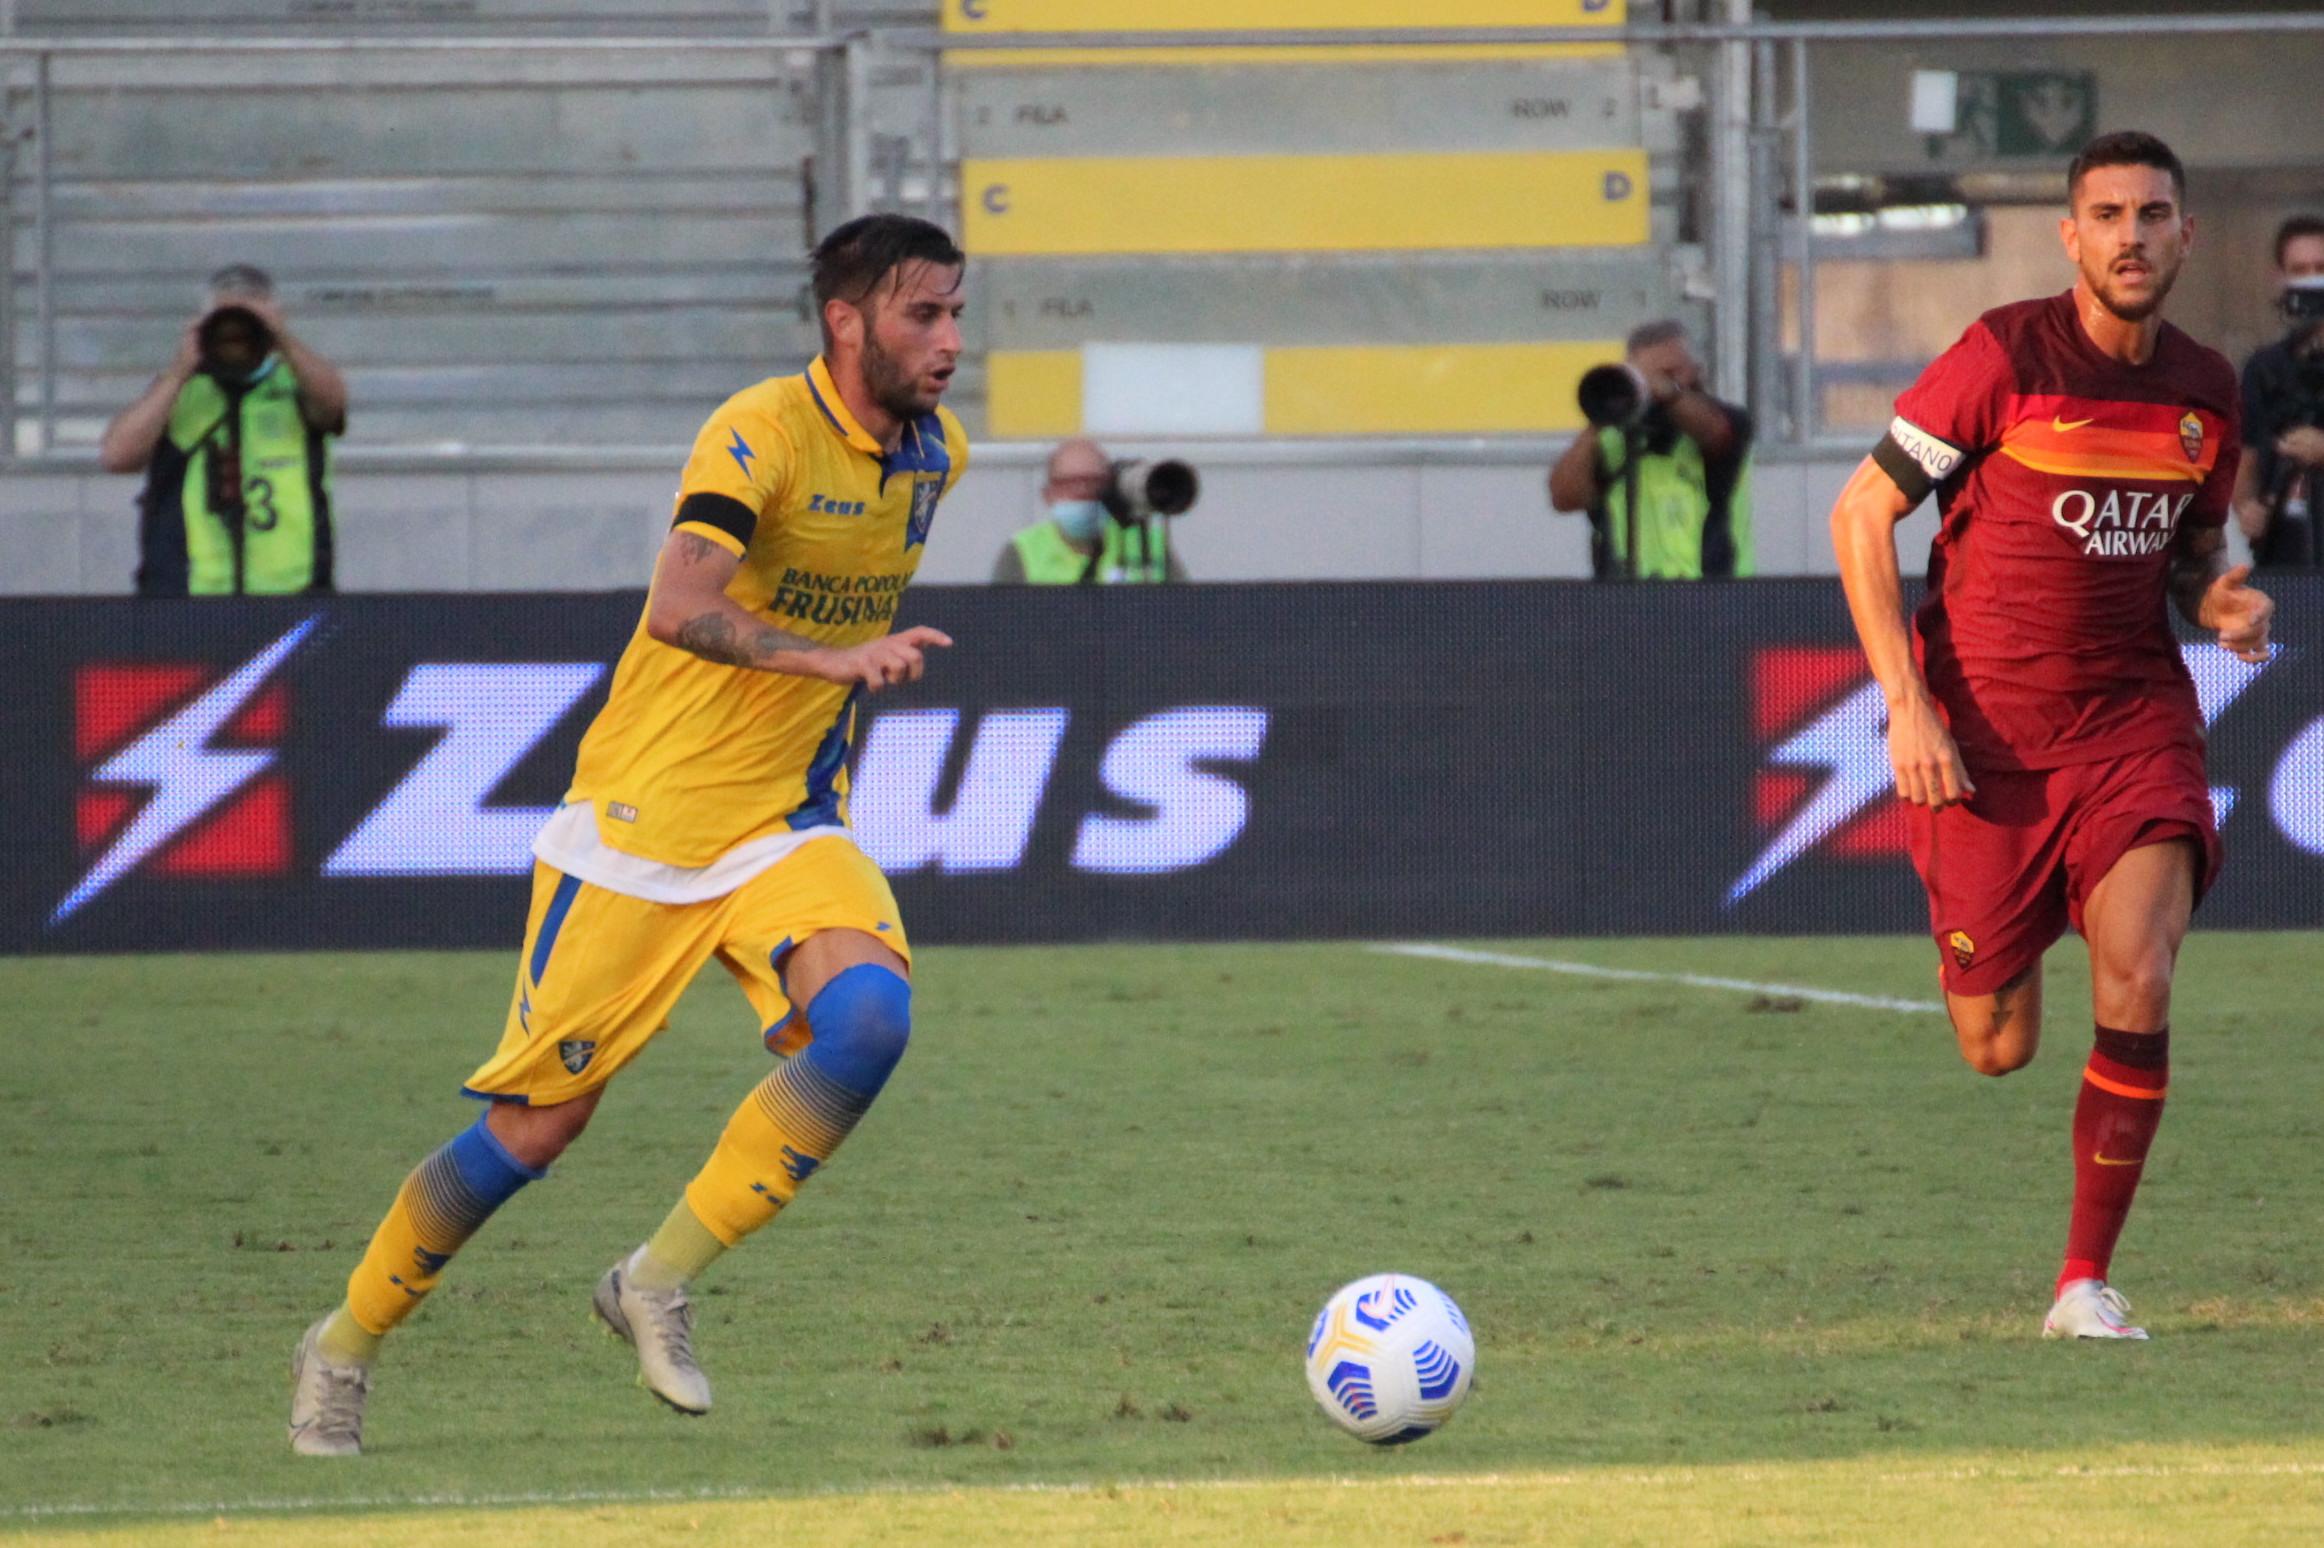 Alessio Tribuzzi